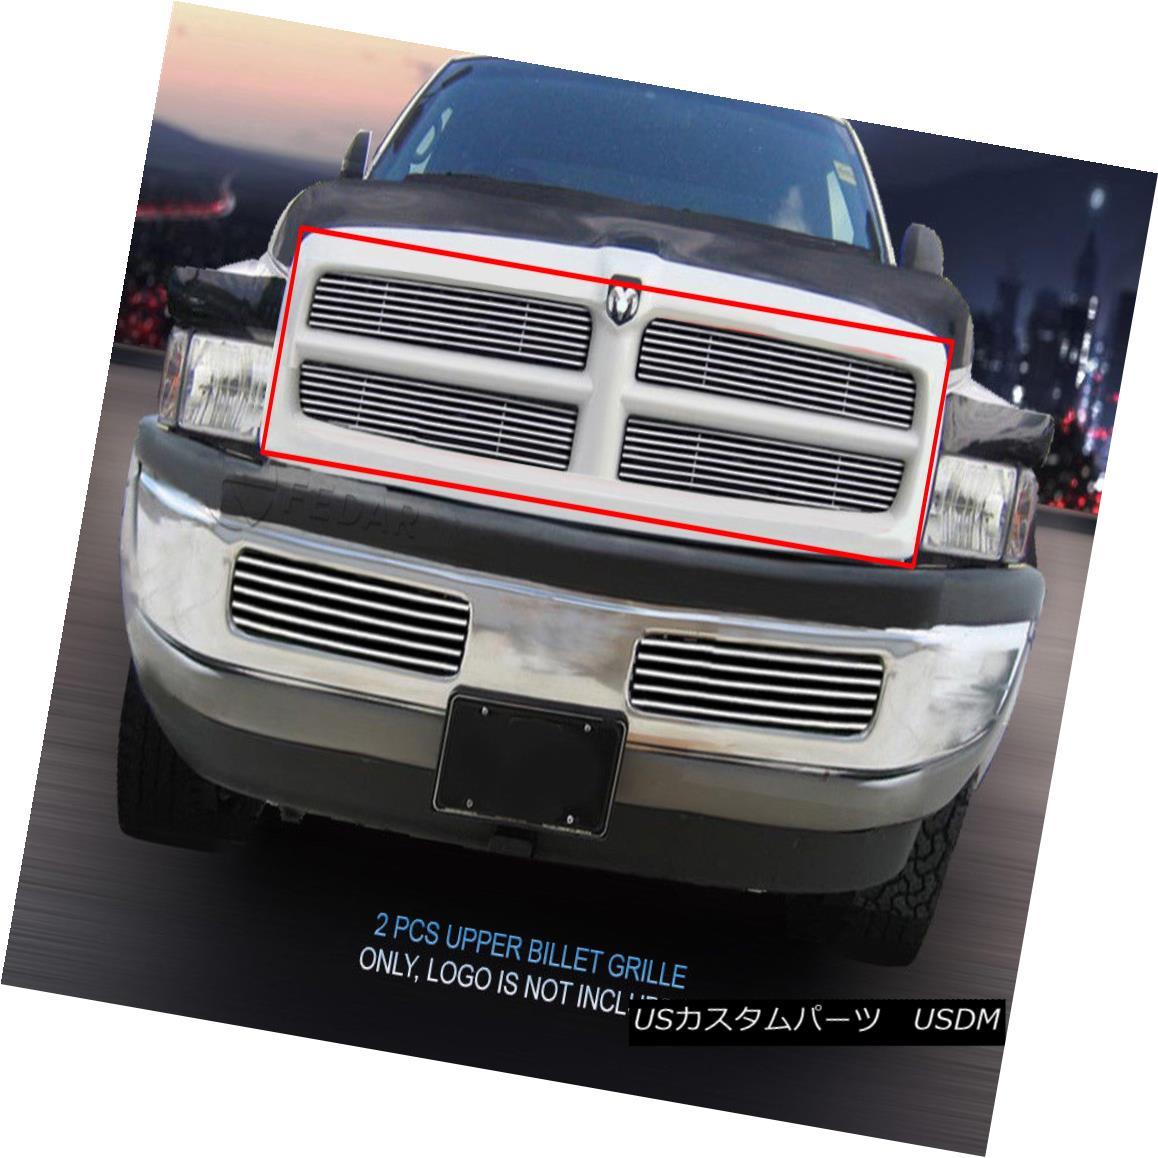 グリル Fits 1994-2001 Dodge Ram Billet Grille Grill Insert 1994-2001 Dodge Ram Billetグリルグリルインサートに適合